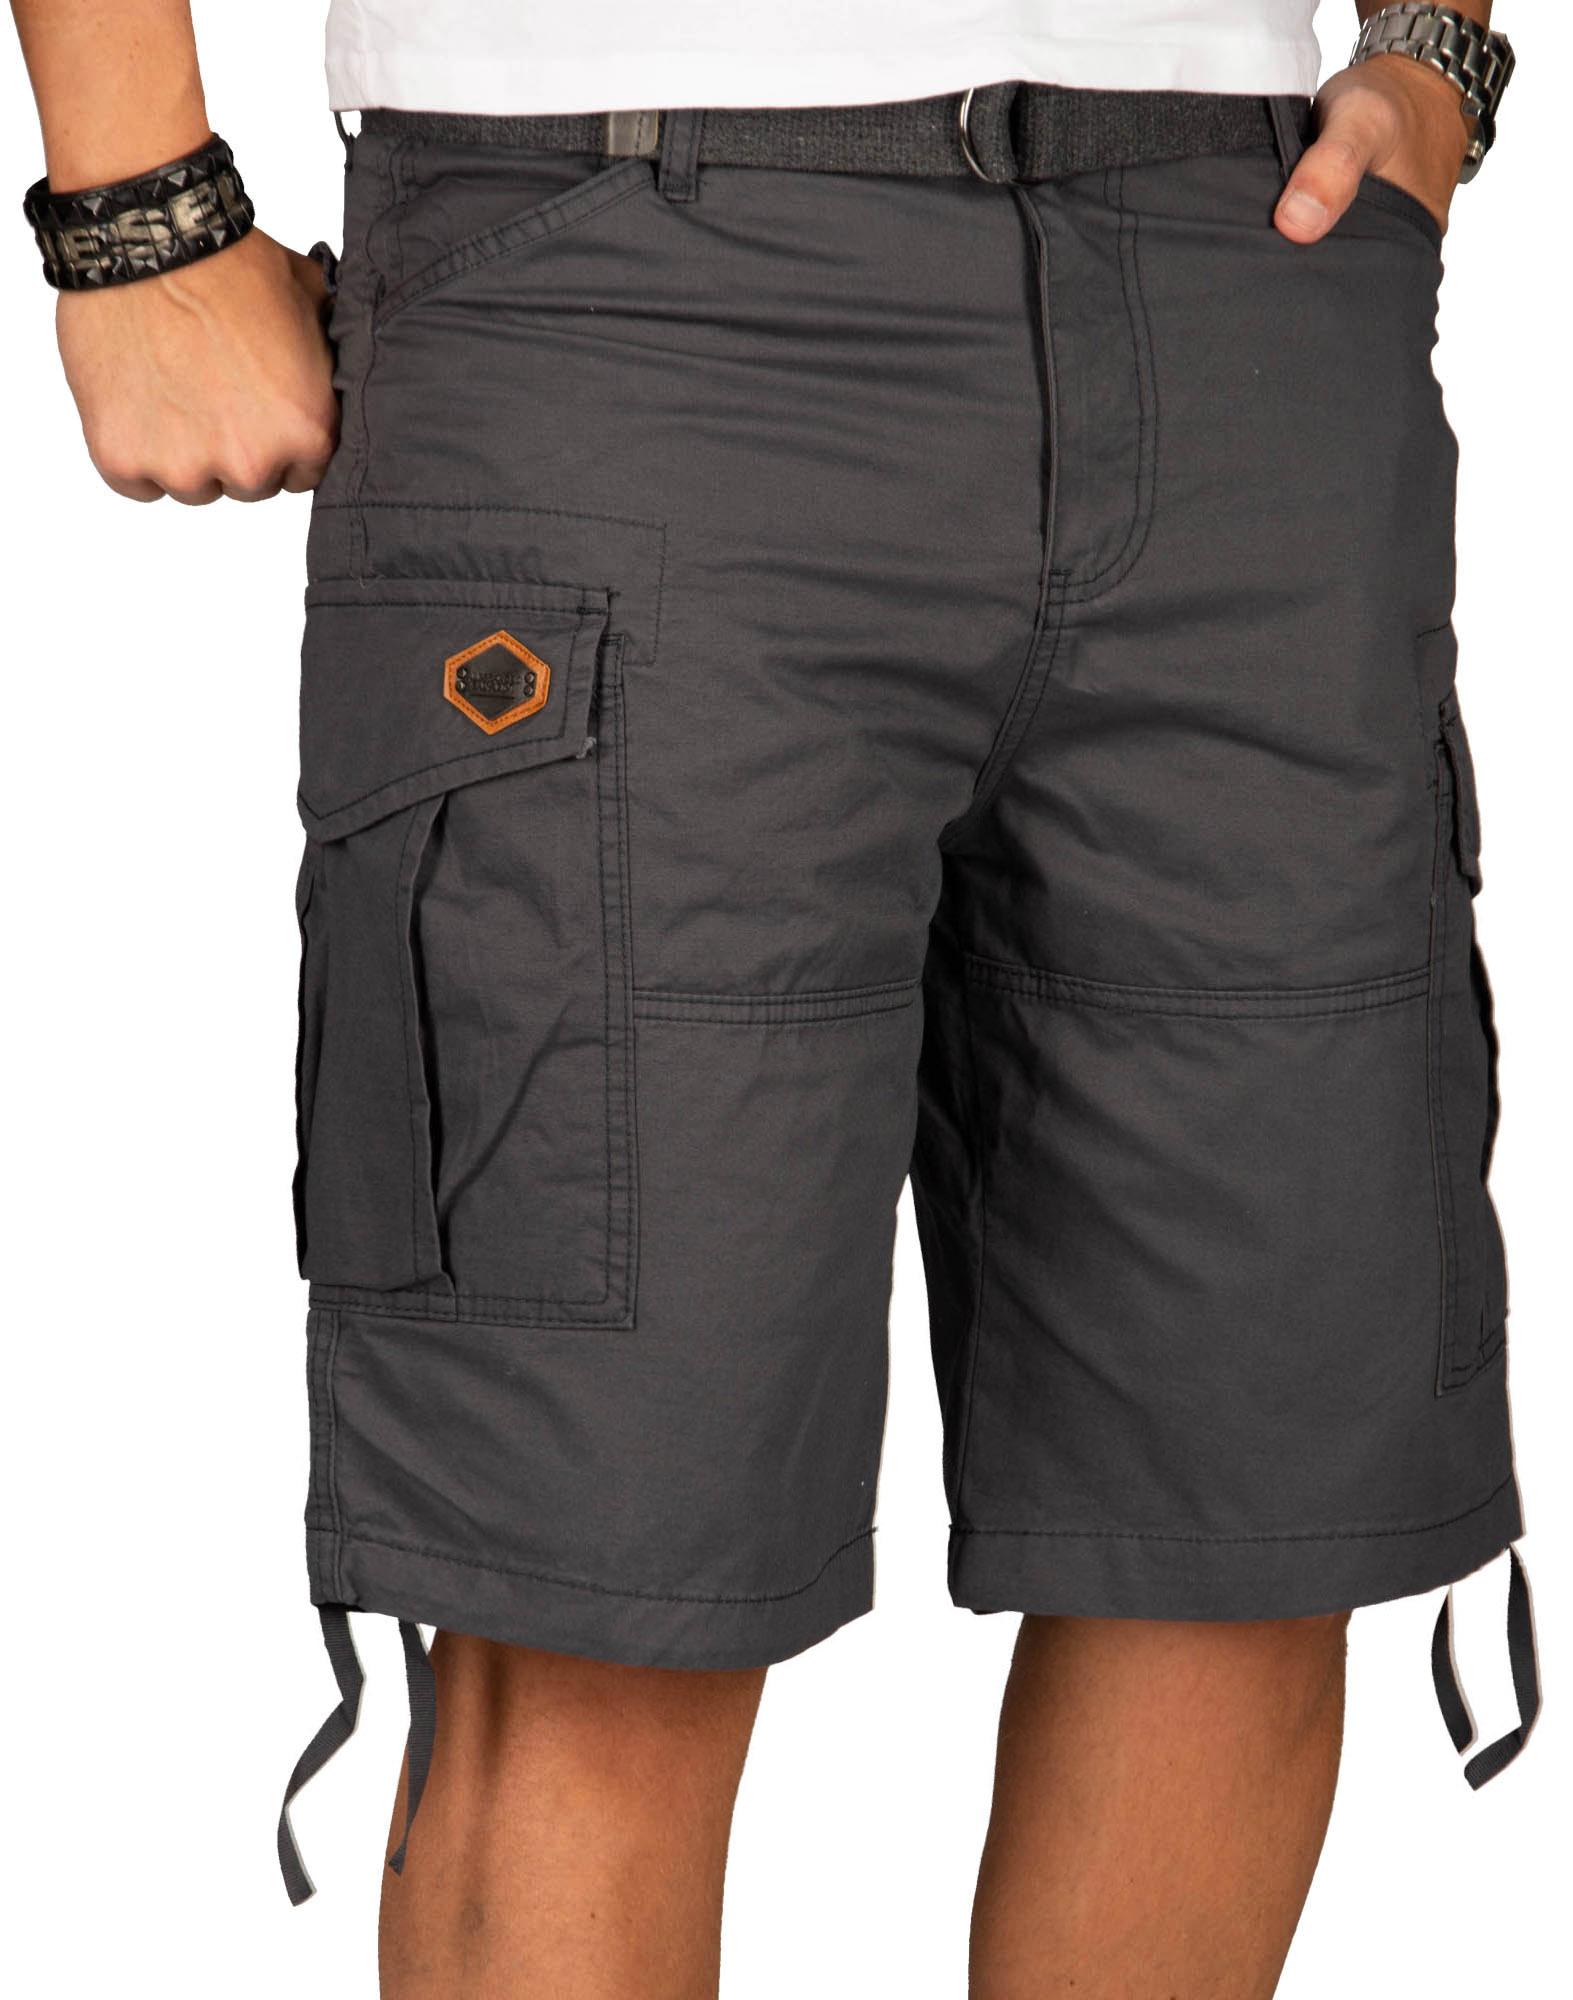 A-Salvarini-Herren-Comfort-Cargo-Shorts-Cargoshorts-kurze-Hose-Guertel-AS133-NEU Indexbild 7